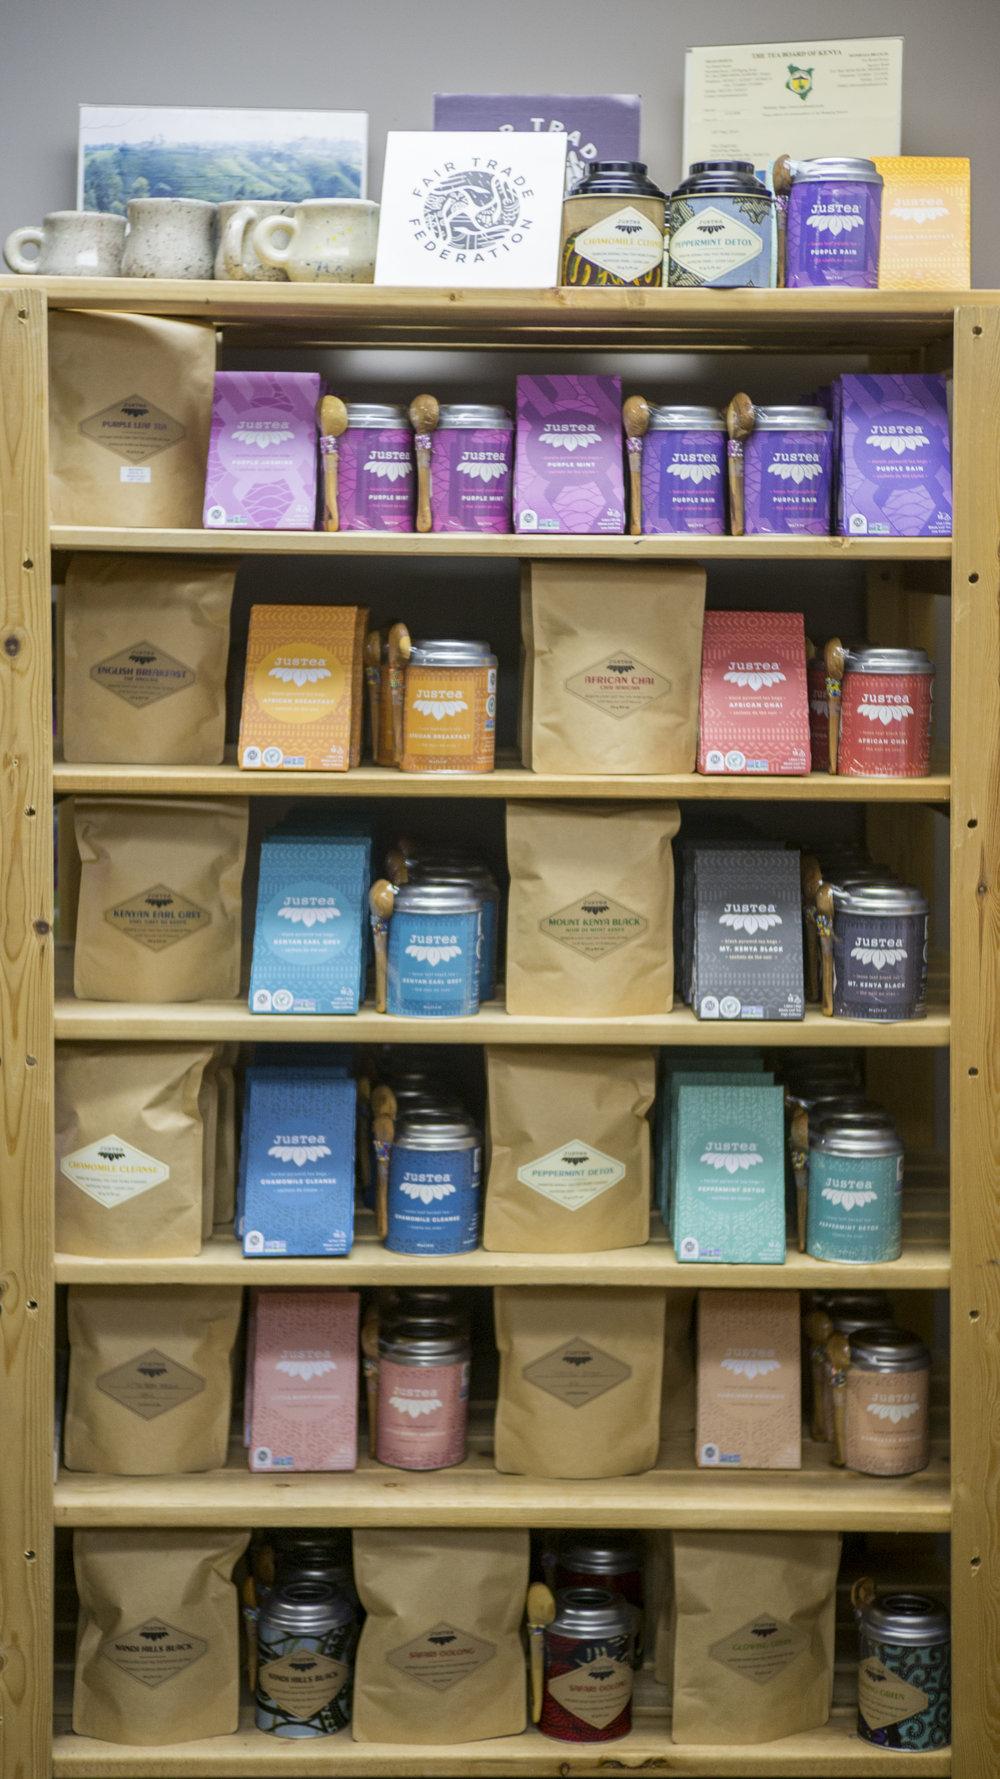 jus_tea_tasting.1004.jpg